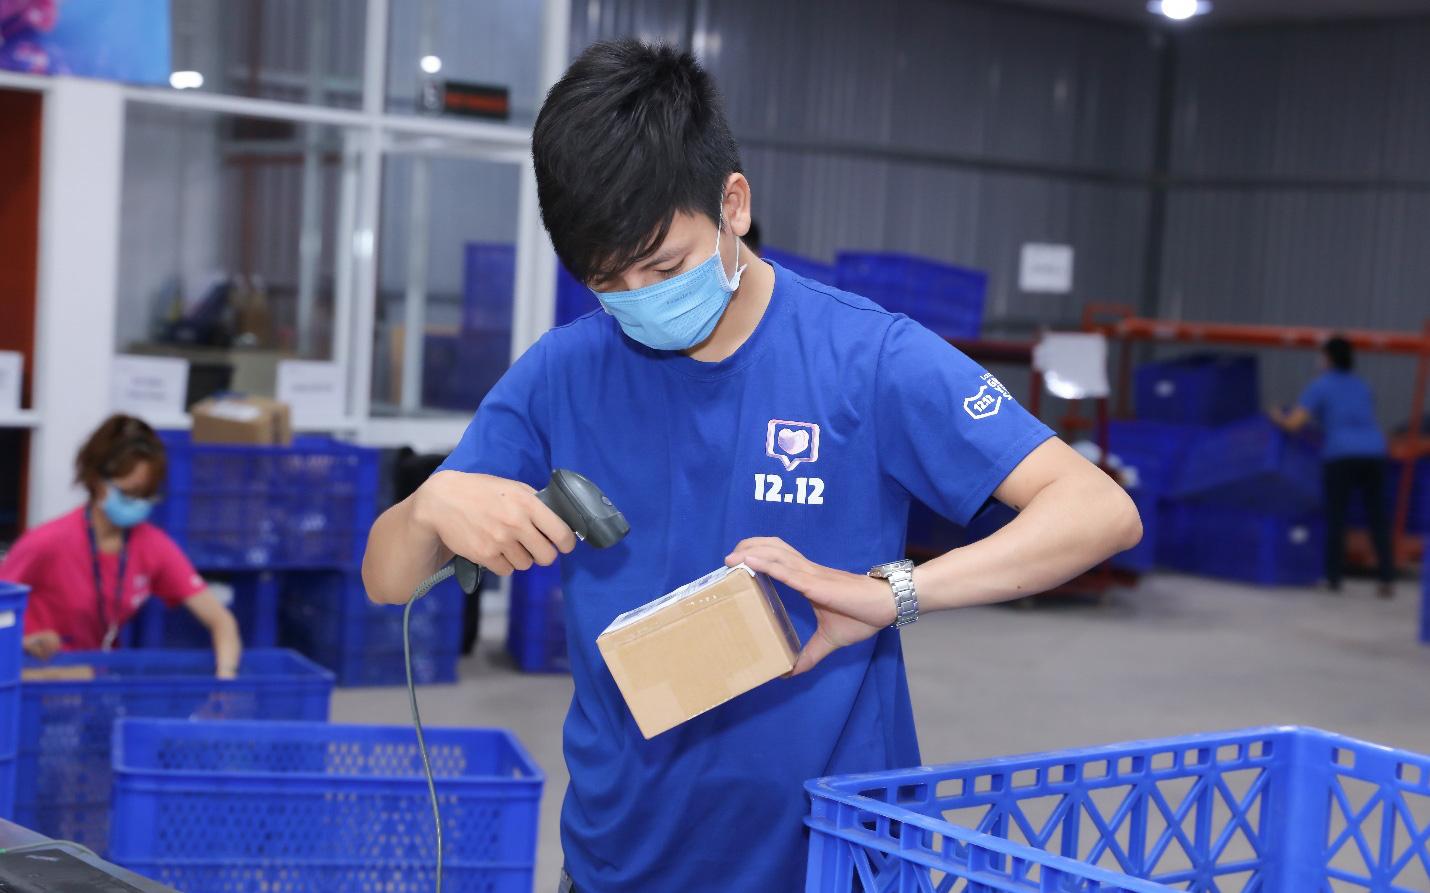 Thương mại điện tử: Thêm nhiều giải pháp giao hàng an toàn, không tiếp xúc